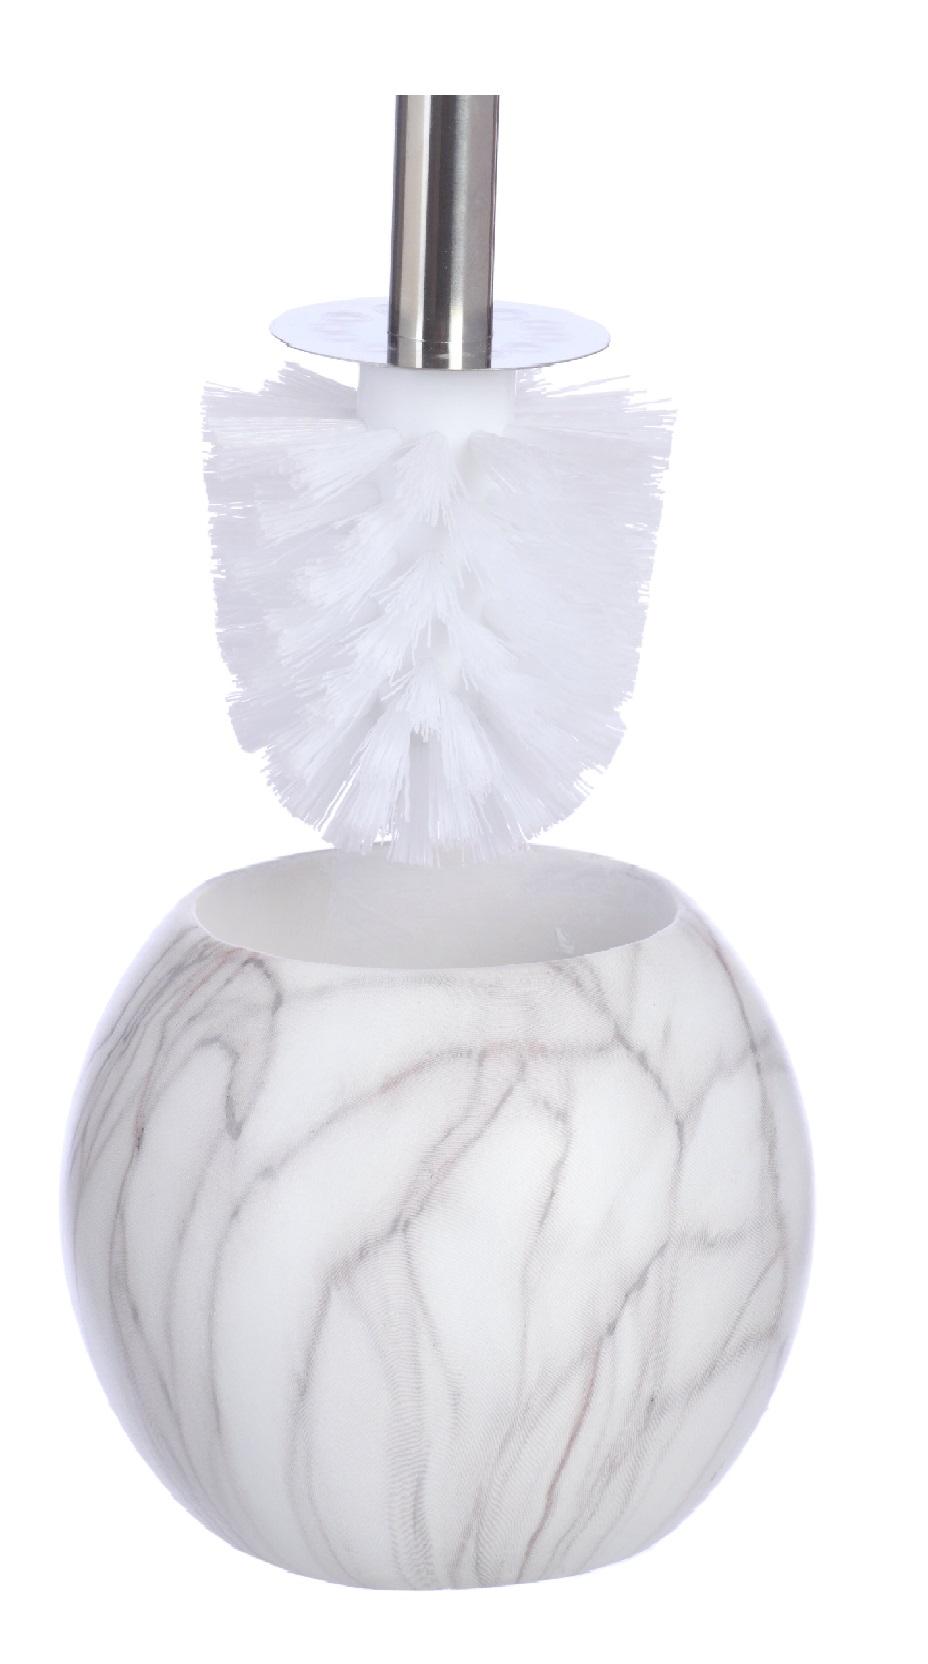 Ершик для унитаза Vanstore 400-06, белый цены